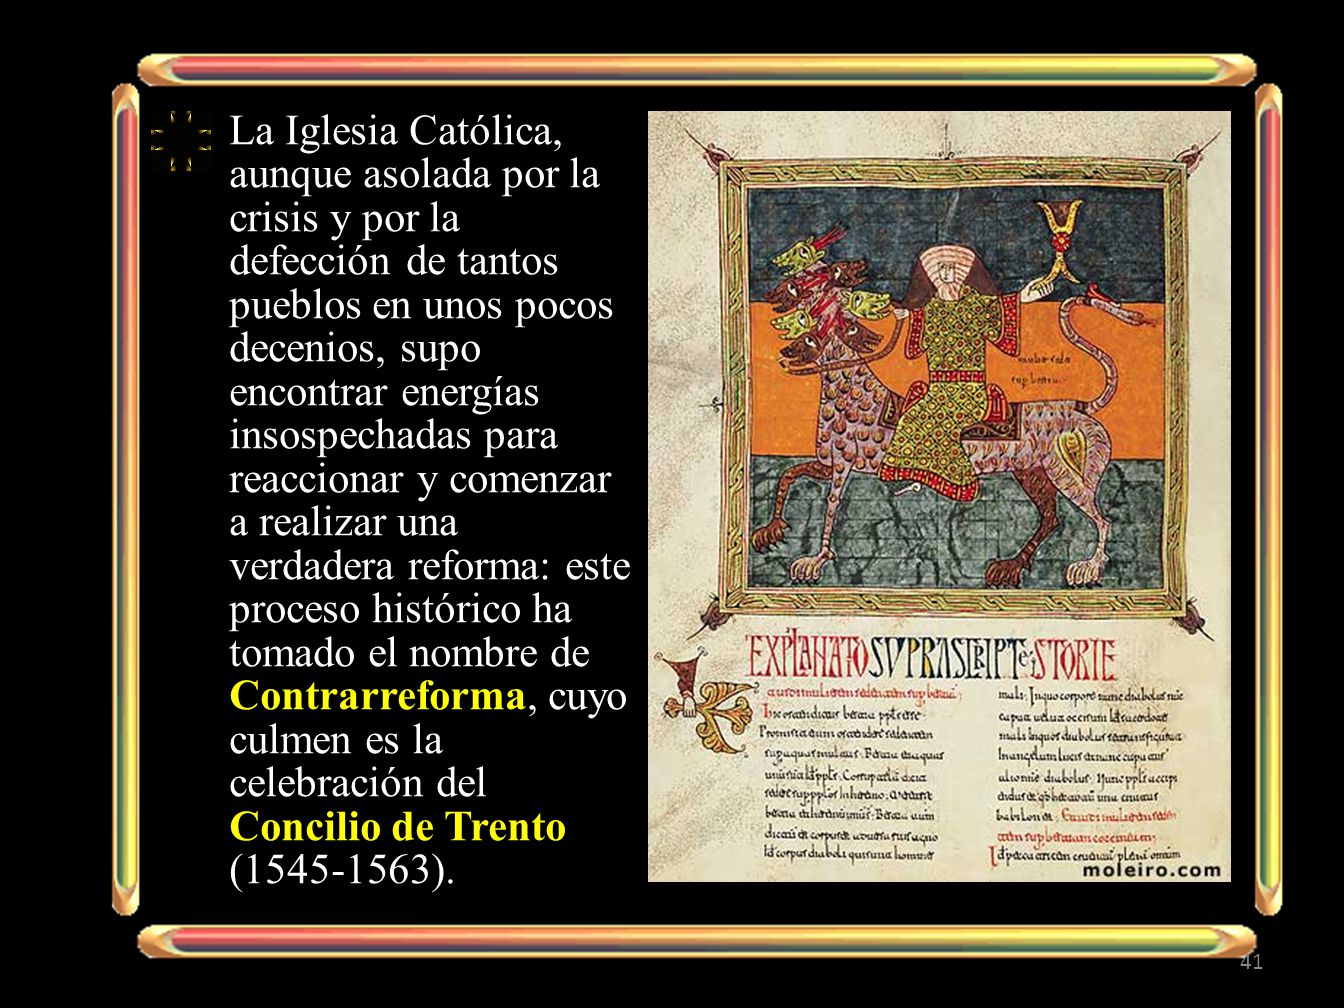 La Iglesia Católica, aunque asolada por la crisis y por la defección de tantos pueblos en unos pocos decenios, supo encontrar energías insospechadas para reaccionar y comenzar a realizar una verdadera reforma: este proceso histórico ha tomado el nombre de Contrarreforma, cuyo culmen es la celebración del Concilio de Trento (1545-1563).